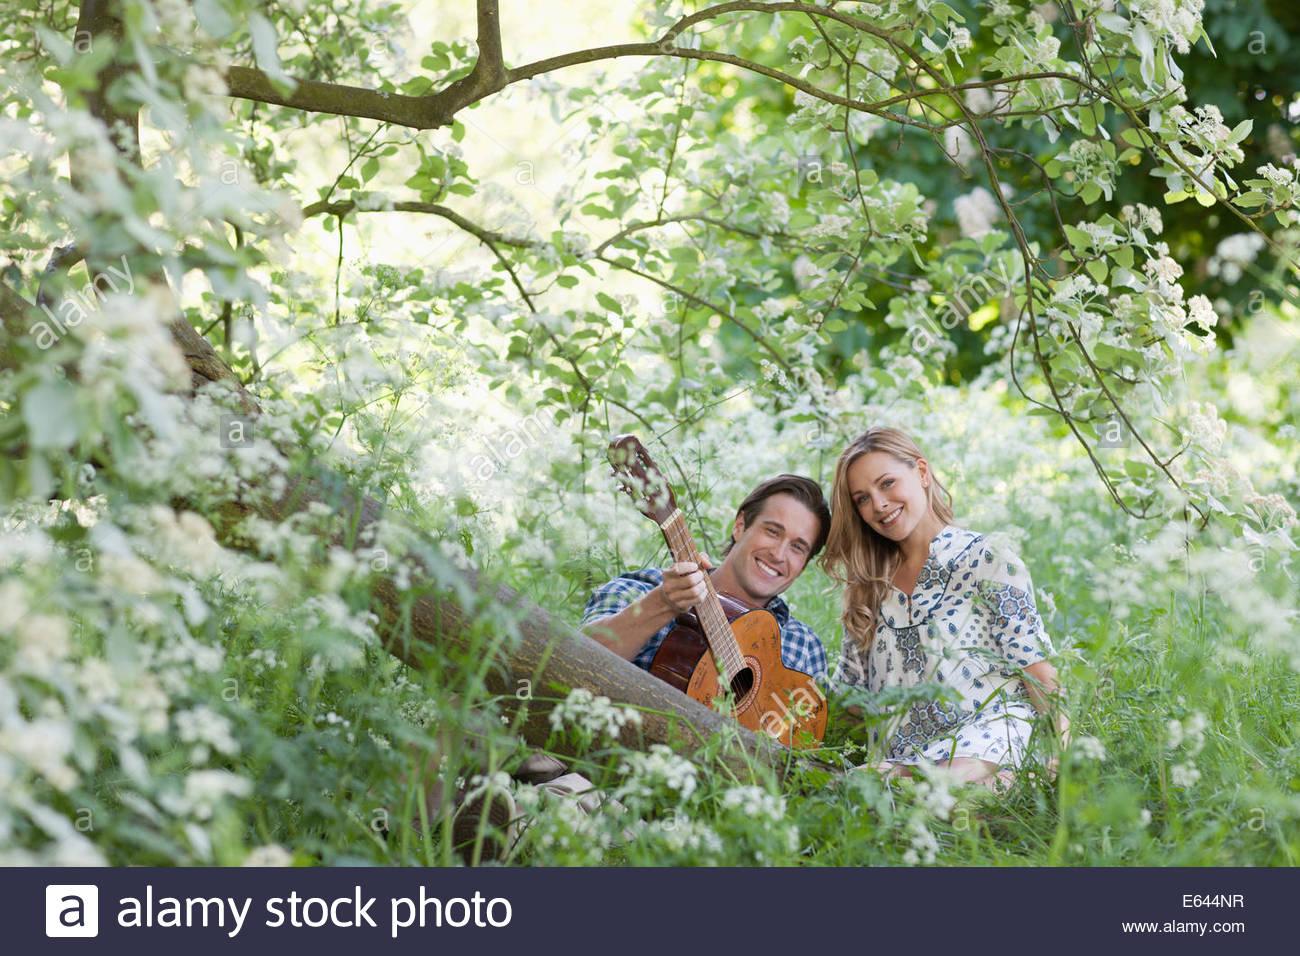 El hombre tocando la guitarra para novia en el bosque Imagen De Stock